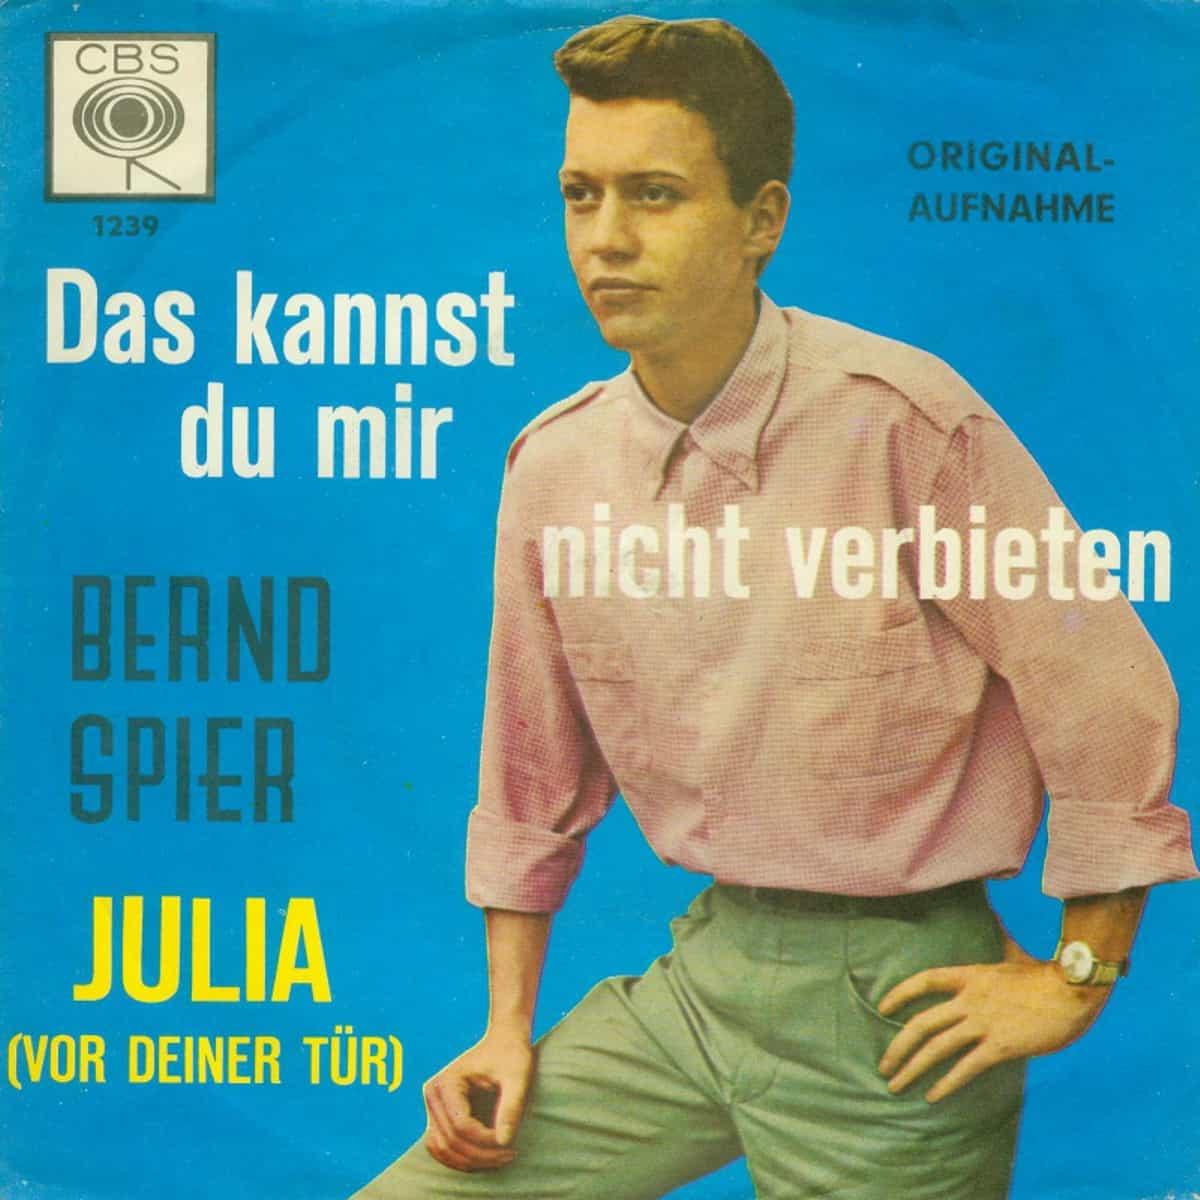 Bernd Spier - Das kannst du mir nicht verbieten